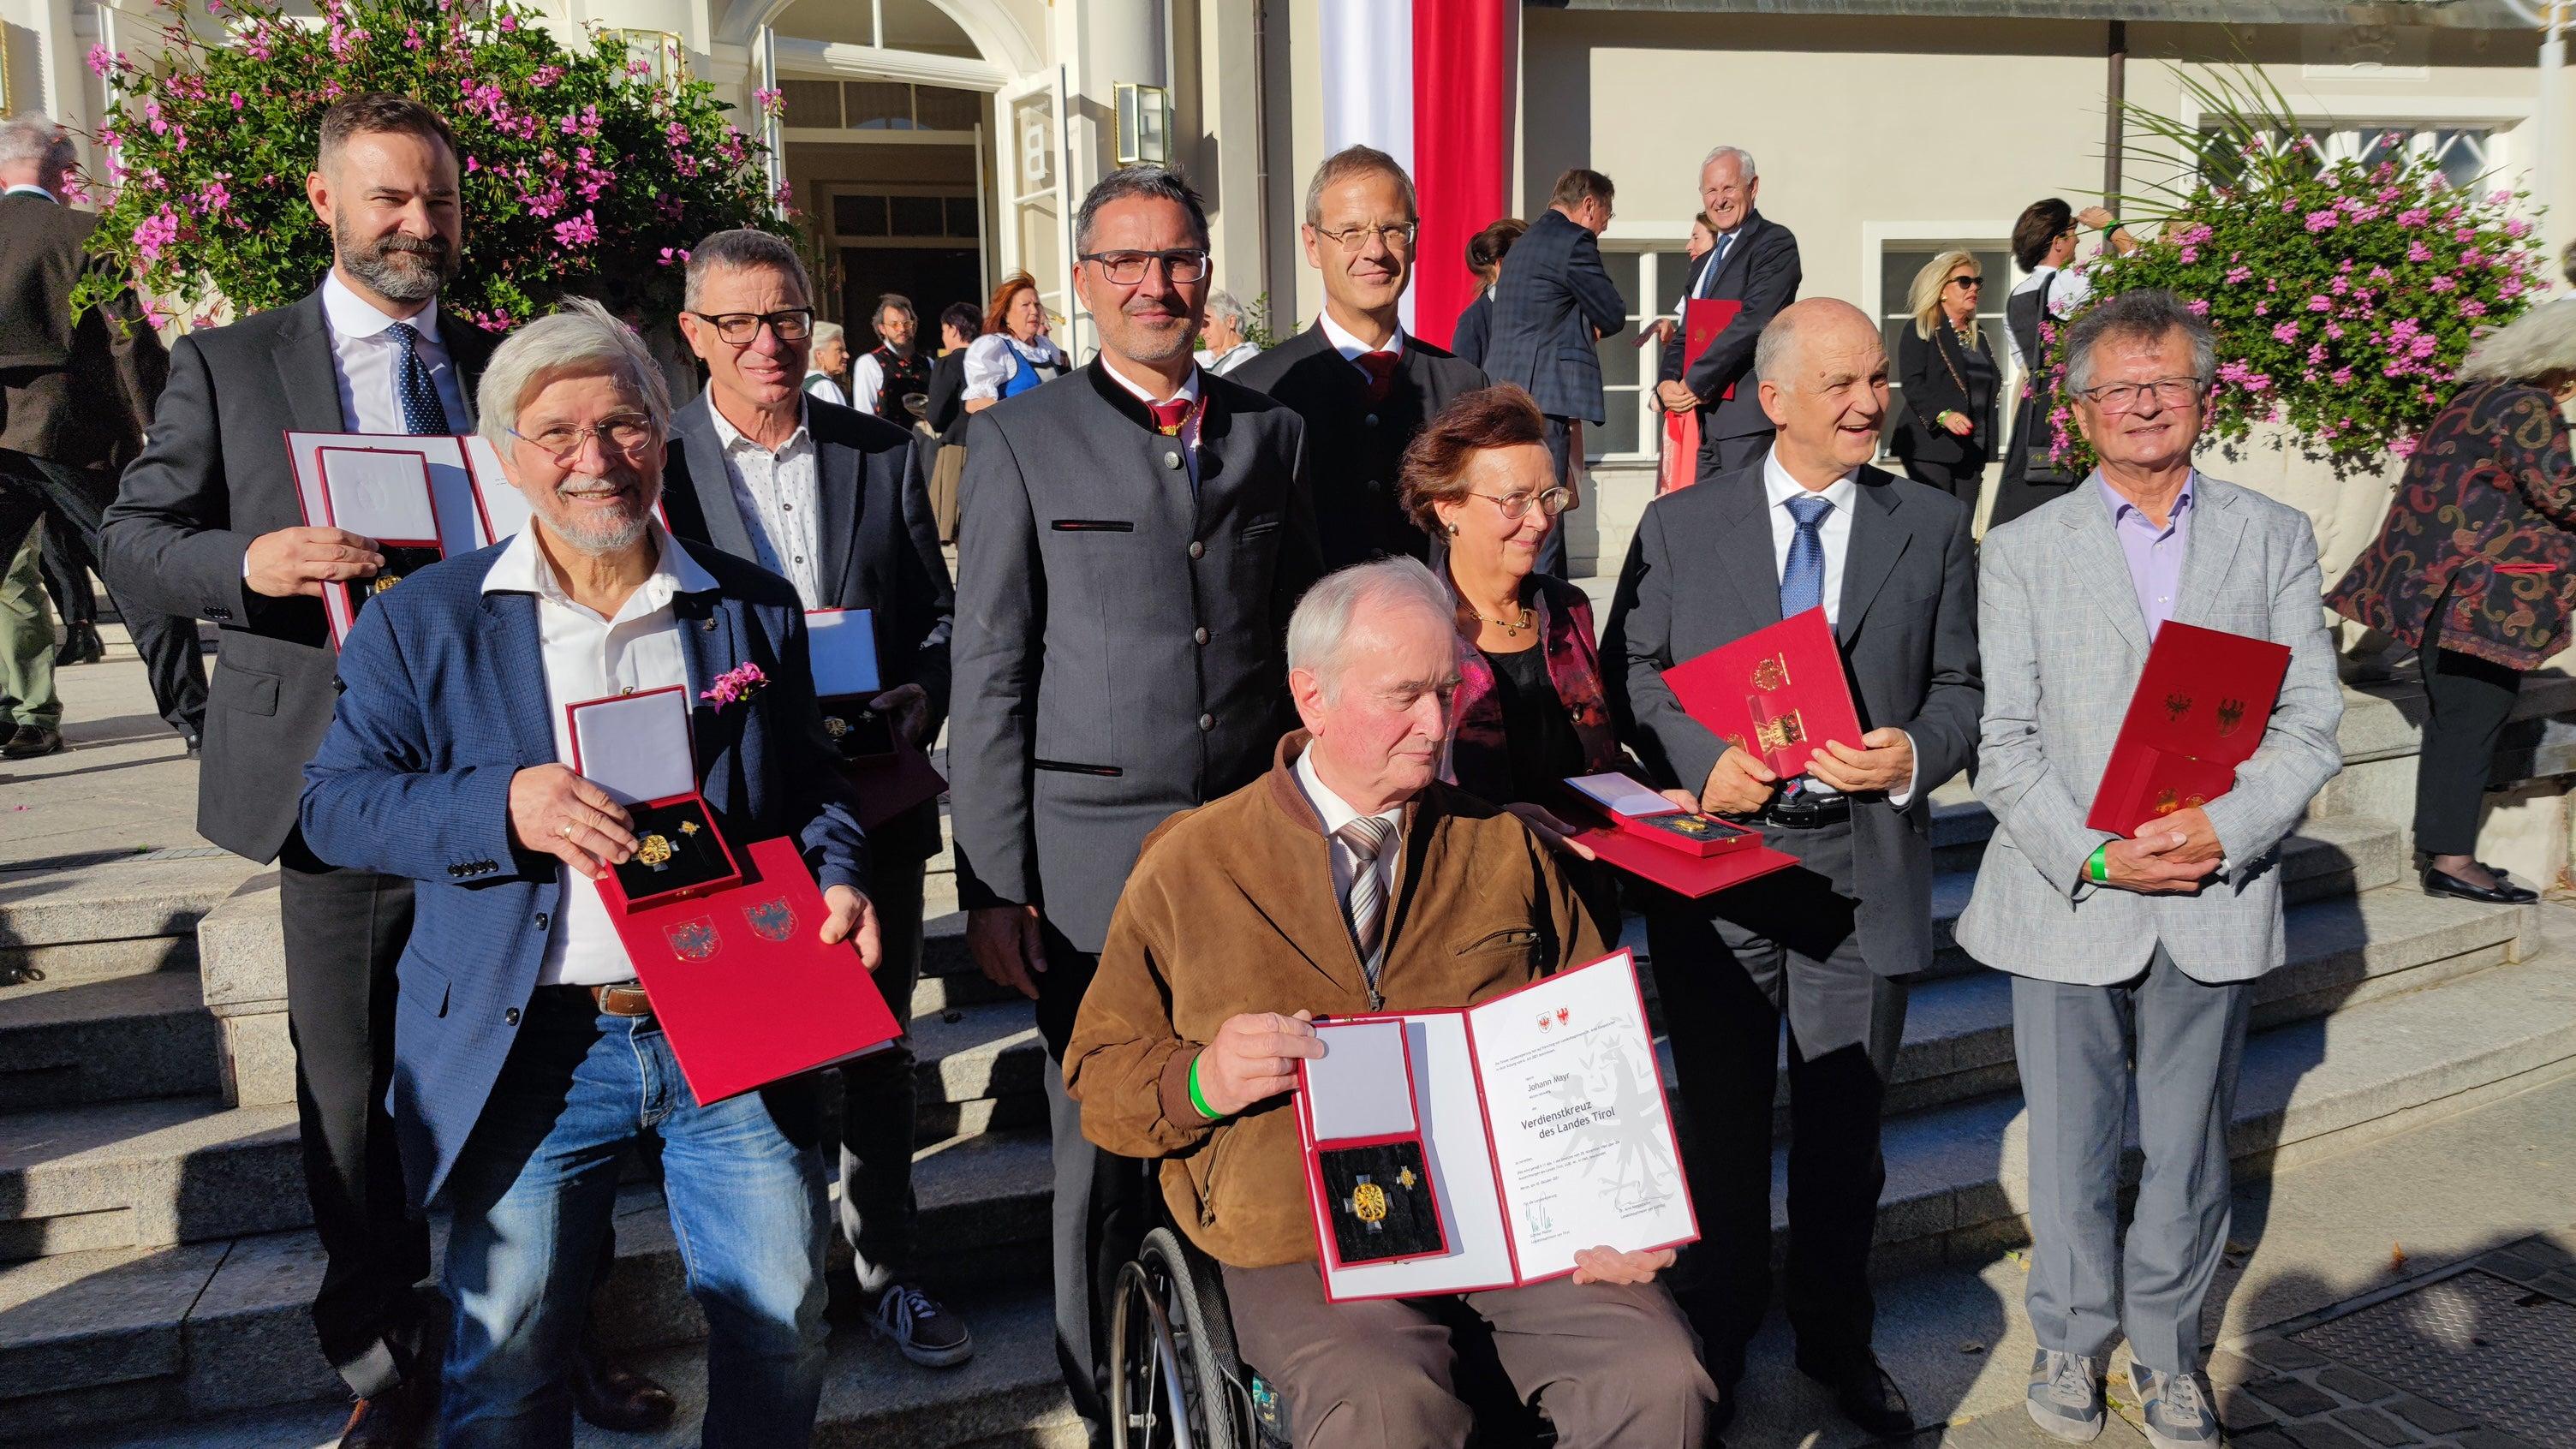 Verdienstkreuz des Landes Tirol auch für Rudi Dalvai, Vorsitzender der Genossenschaft Weltladen Bozen